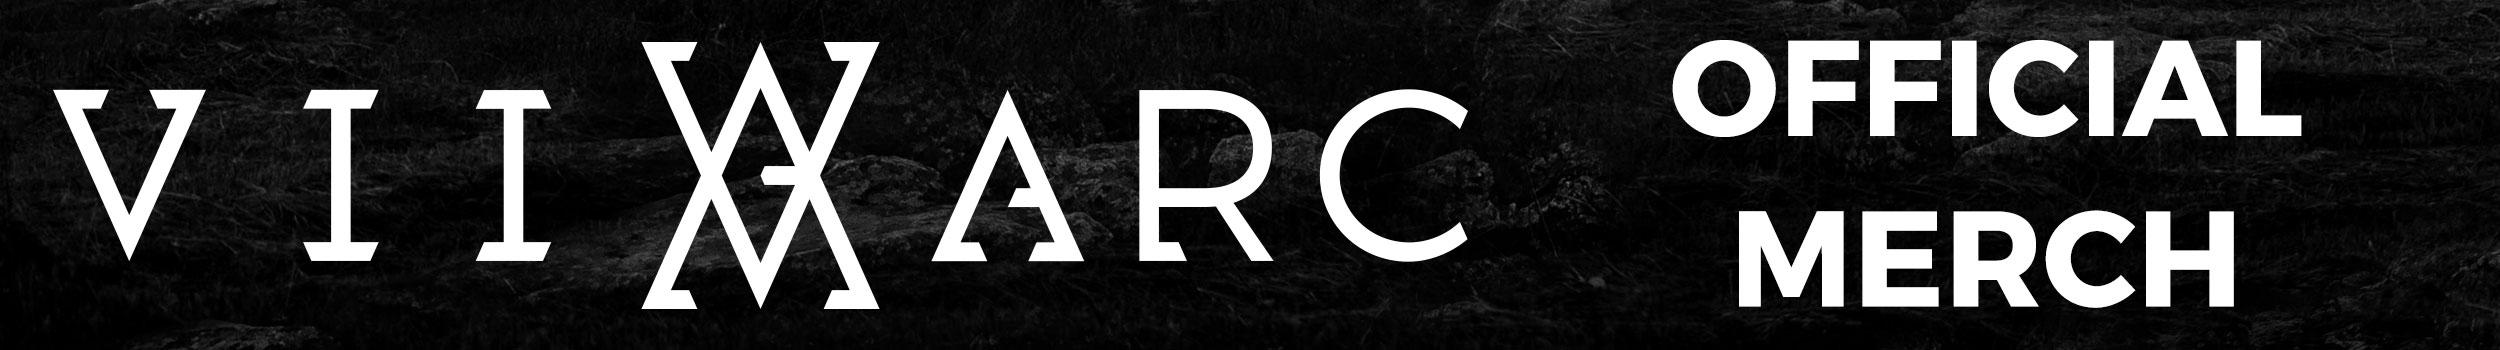 VII ARC Official Merch